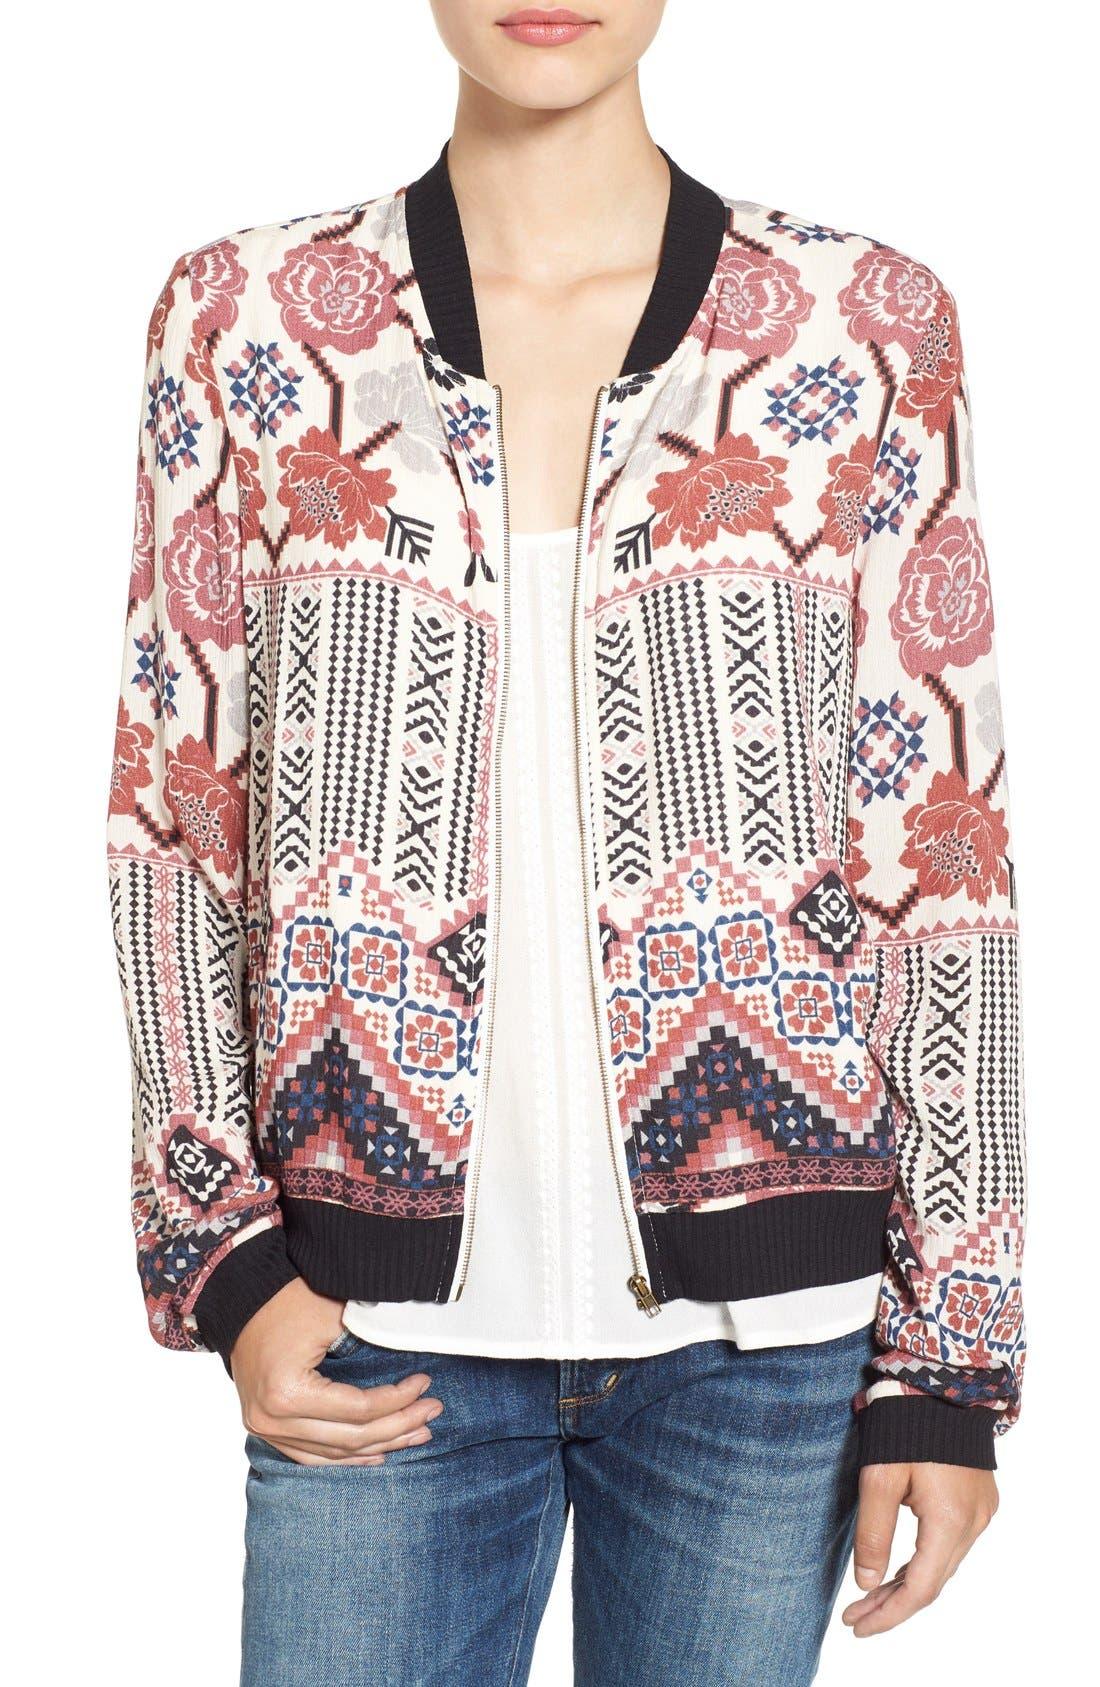 Alternate Image 1 Selected - Chloe & Katie Print Bomber Jacket